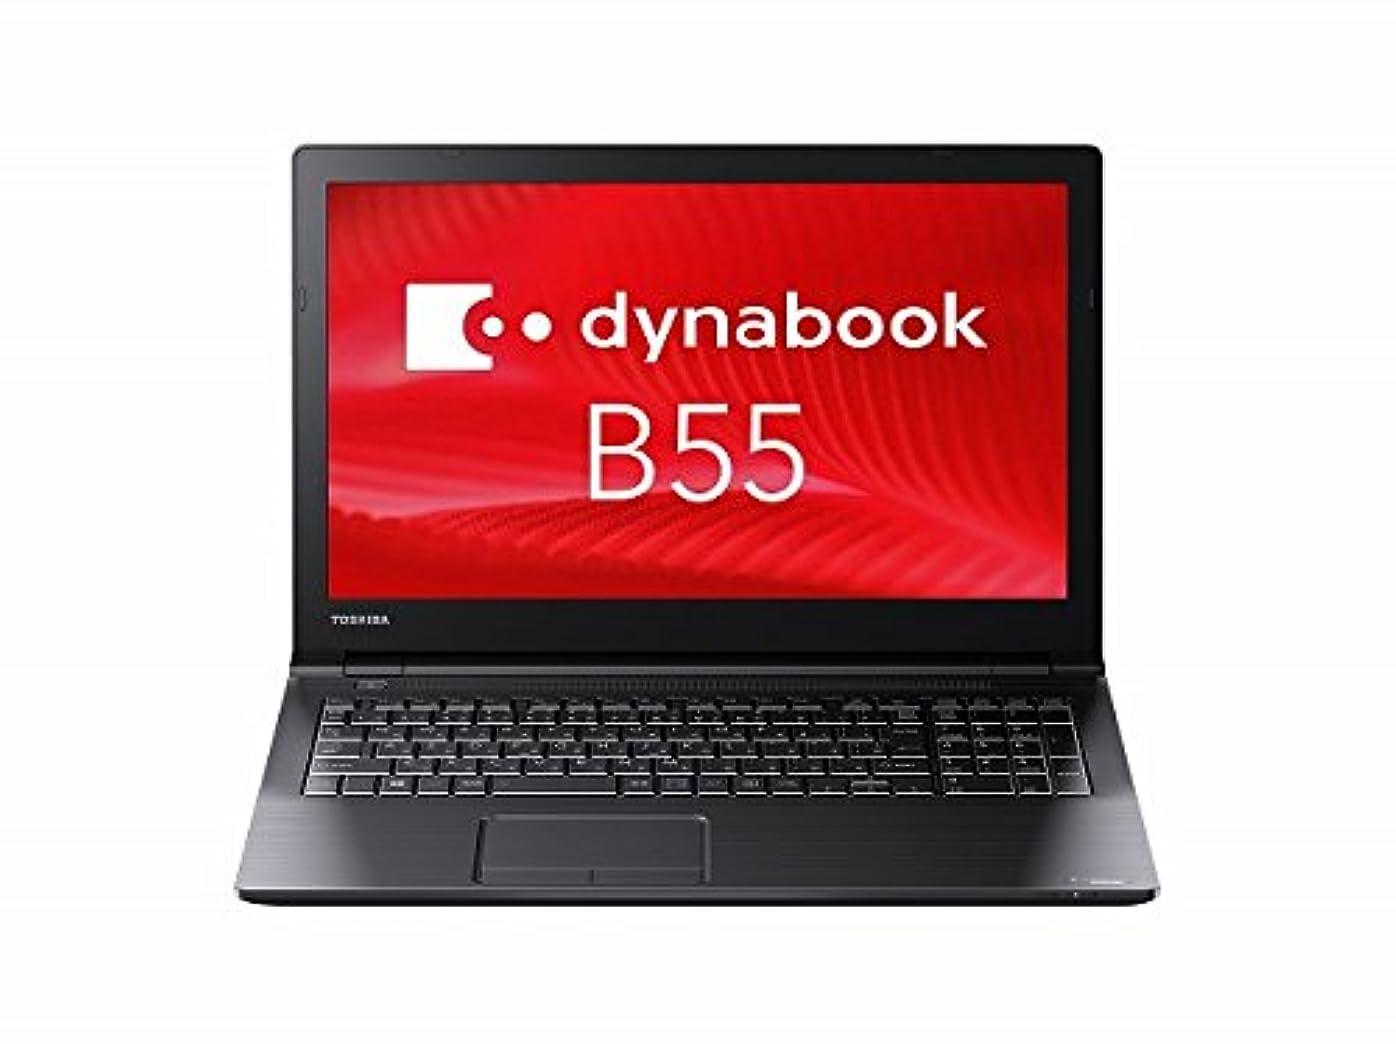 心配カバレッジ精神医学東芝 Dynabook PB55BGAD4RAAD11 Windows10 Pro 64bit 第6世代 Core i3-6006U 4GB 500GB DVDスーパーマルチ 高速無線LAN IEEE802.11ac/a/b/g/n Bluetooth USB3.0 10キー付キーボード 15.6型LED液晶ノートパソコン (Office なし)